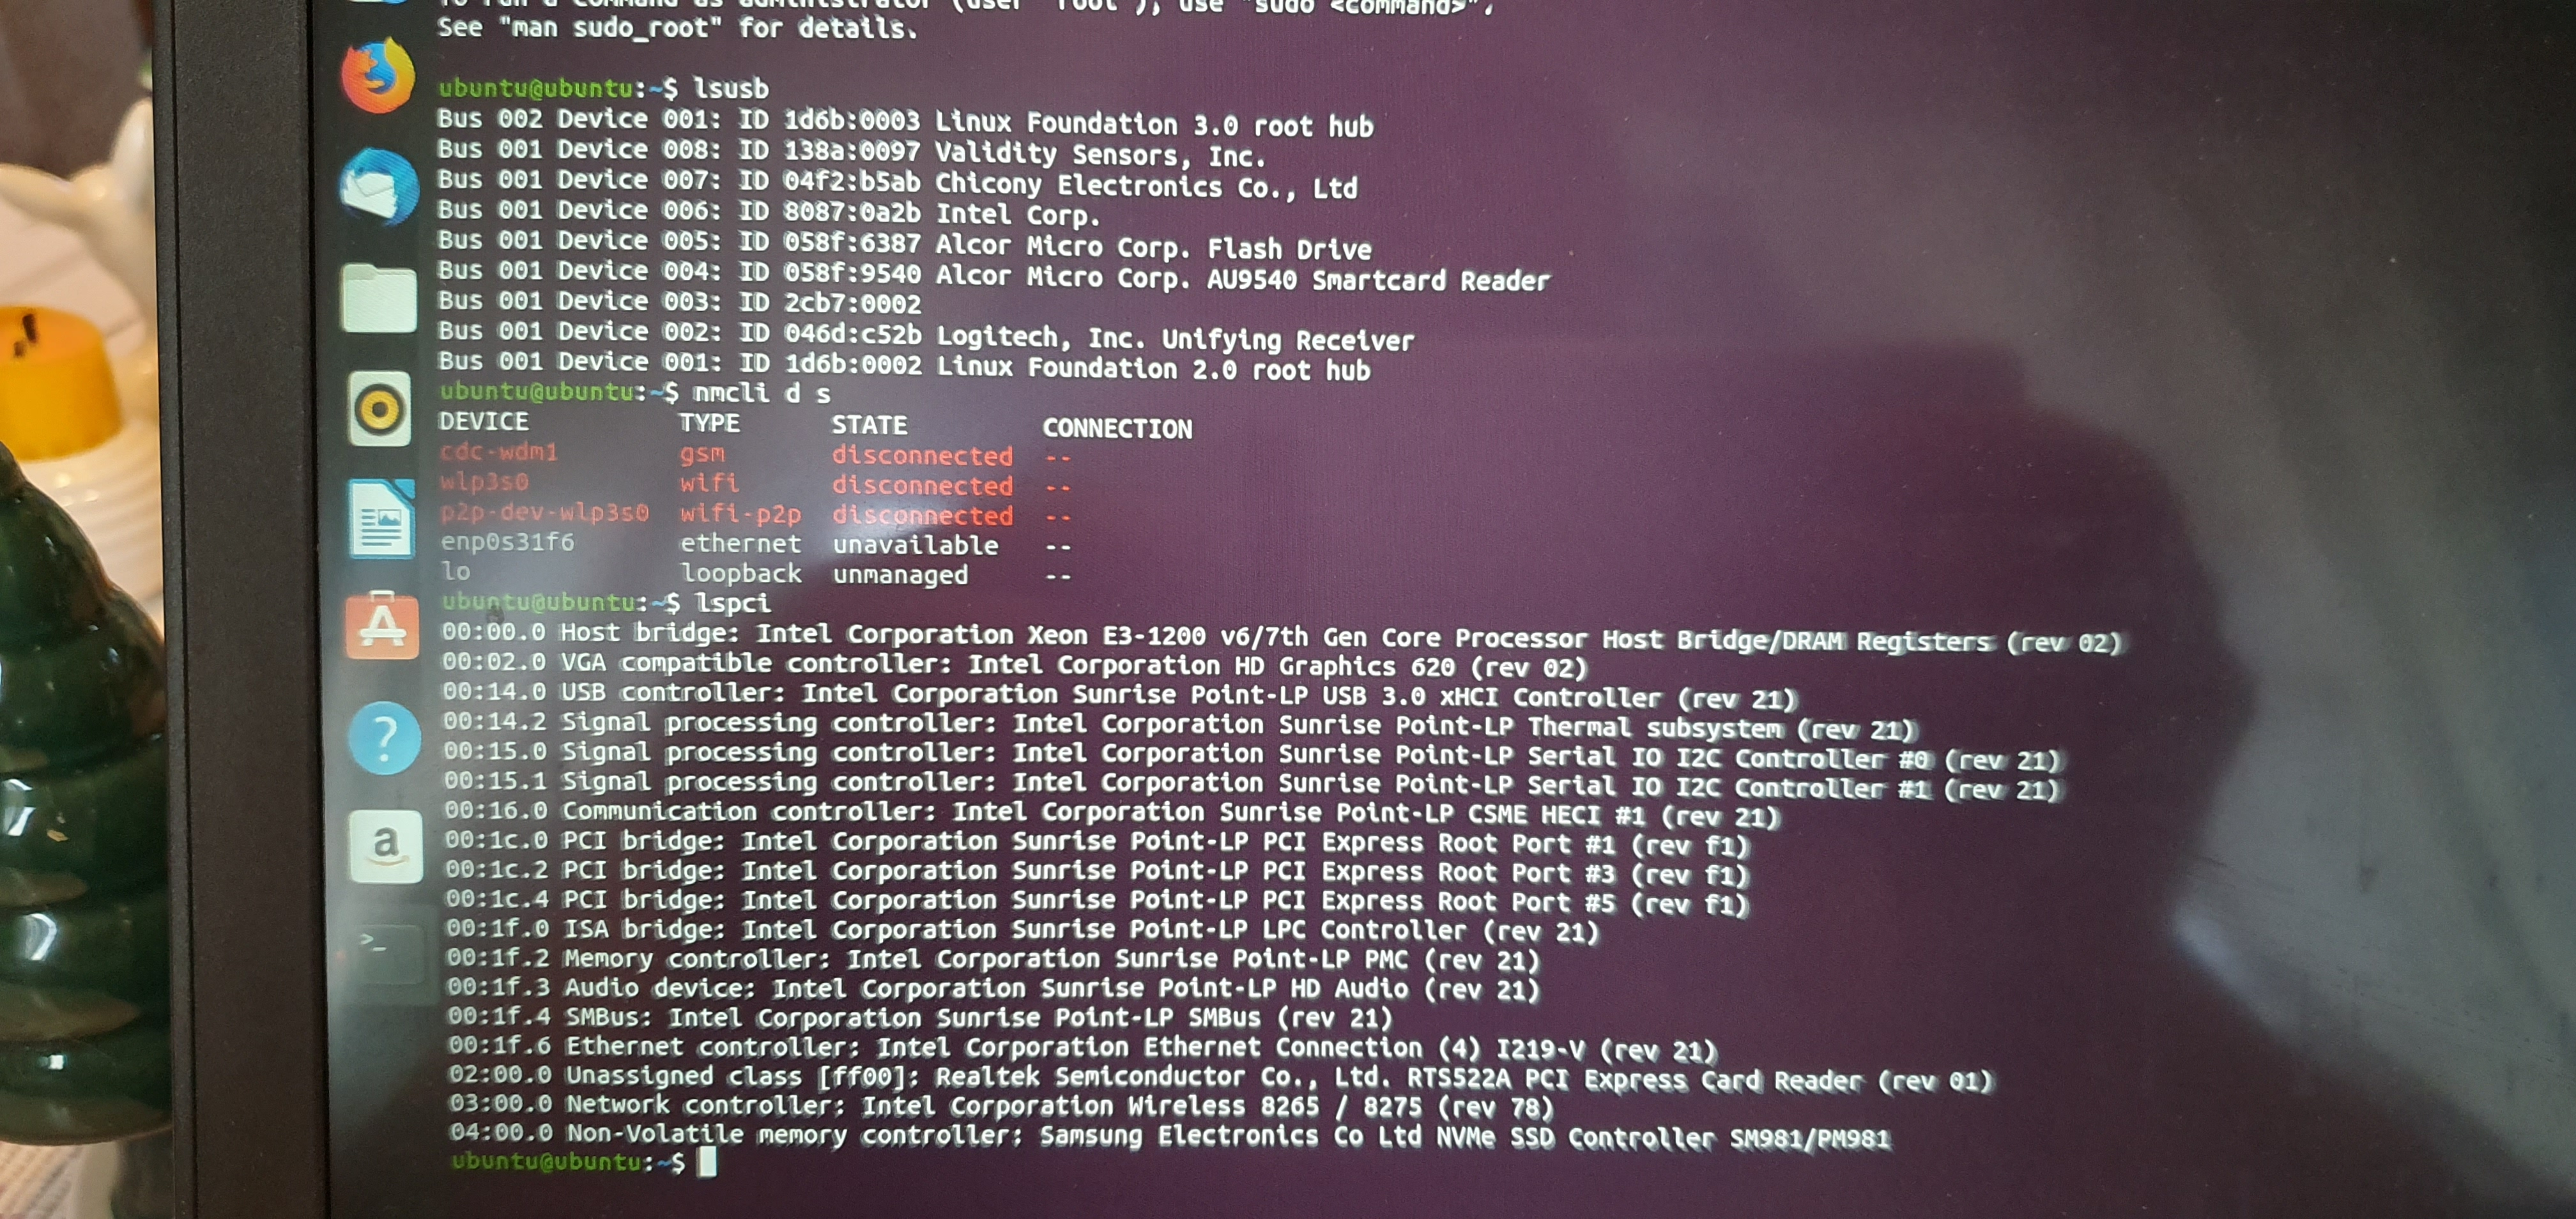 ⚓ T7898 Fibocom WWAN modem not recognized in Solus